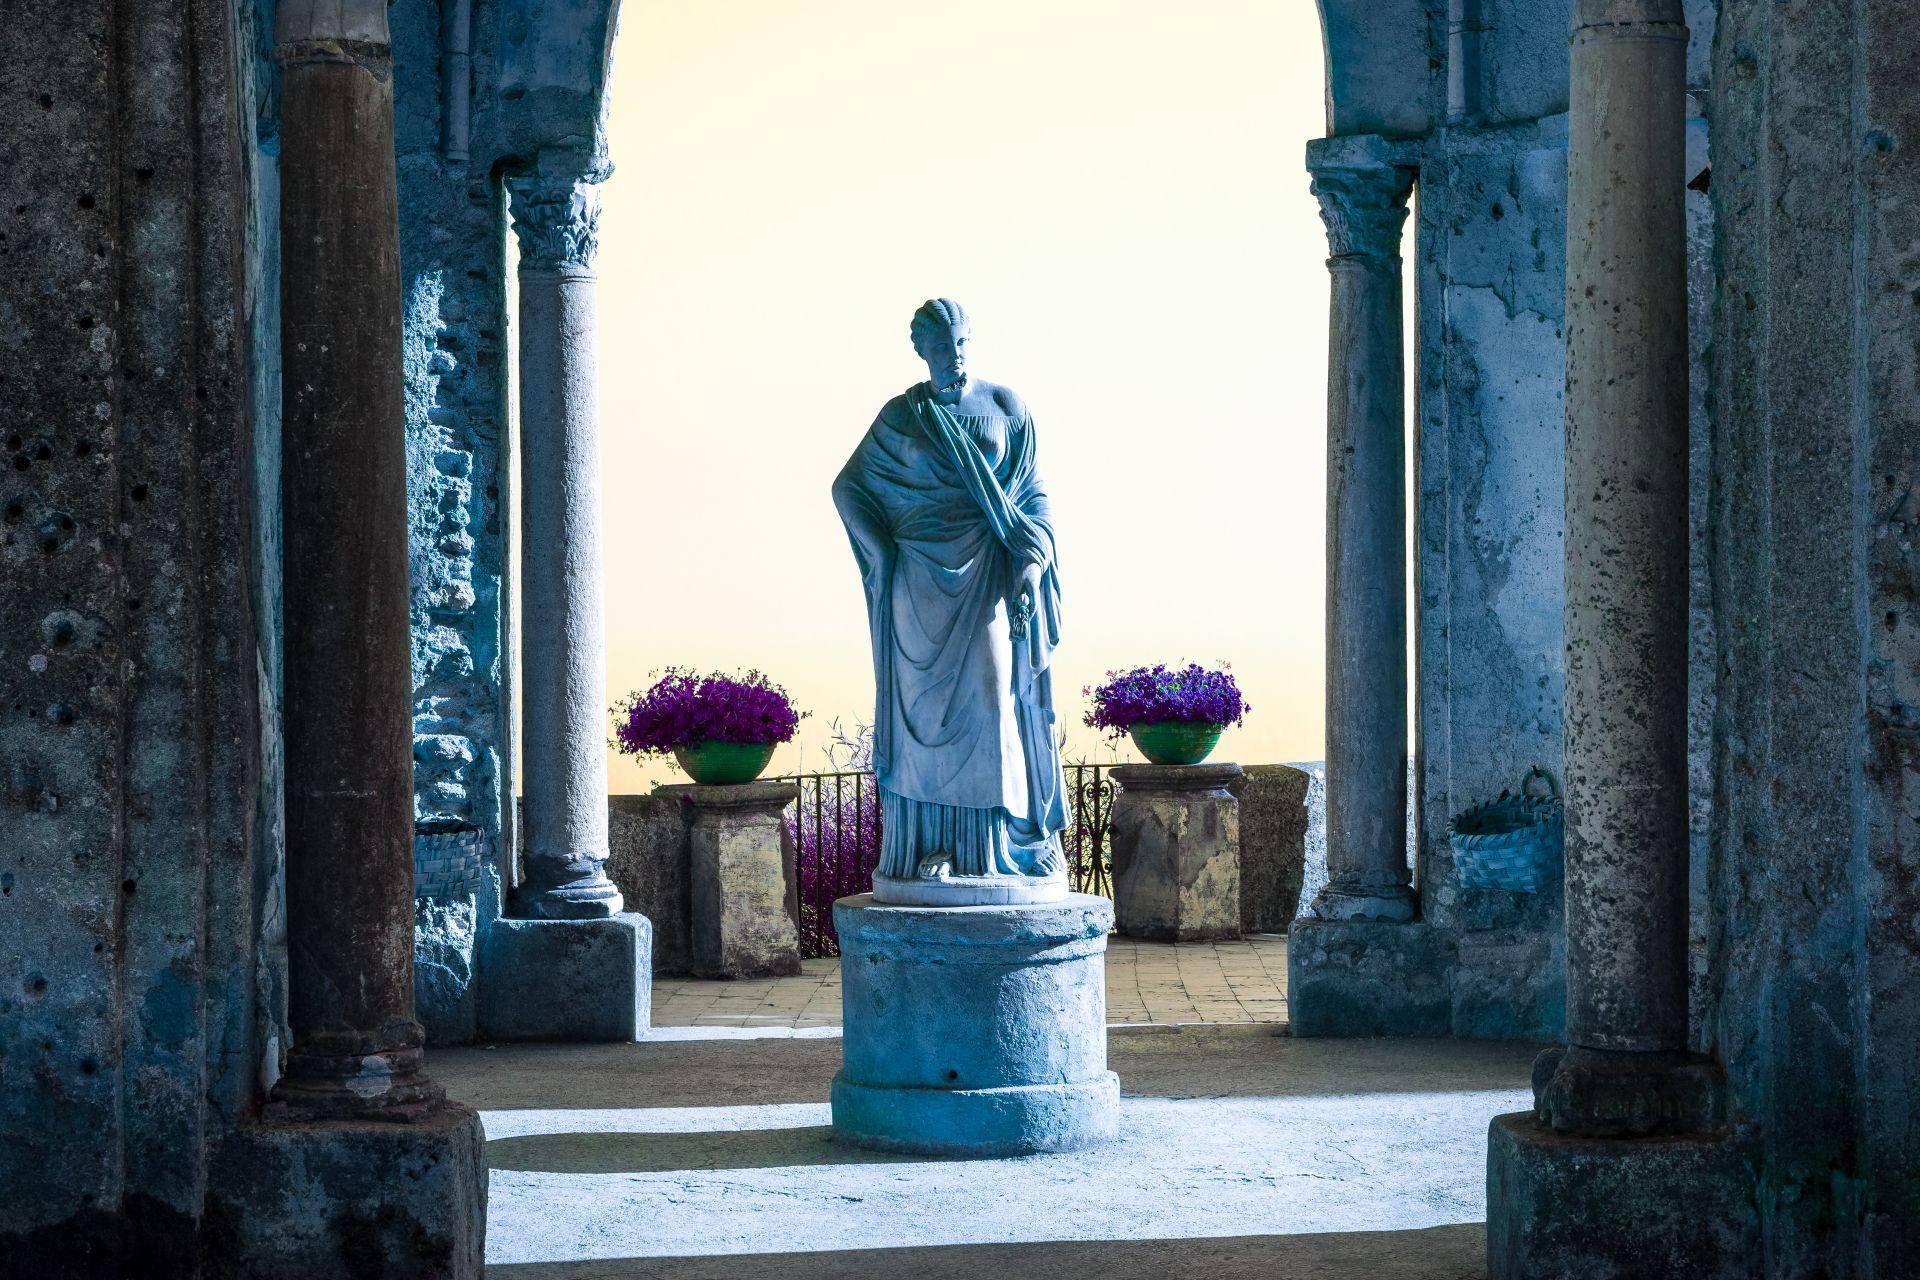 La statue-Les voyages Fantasmés de Yohan Chardey